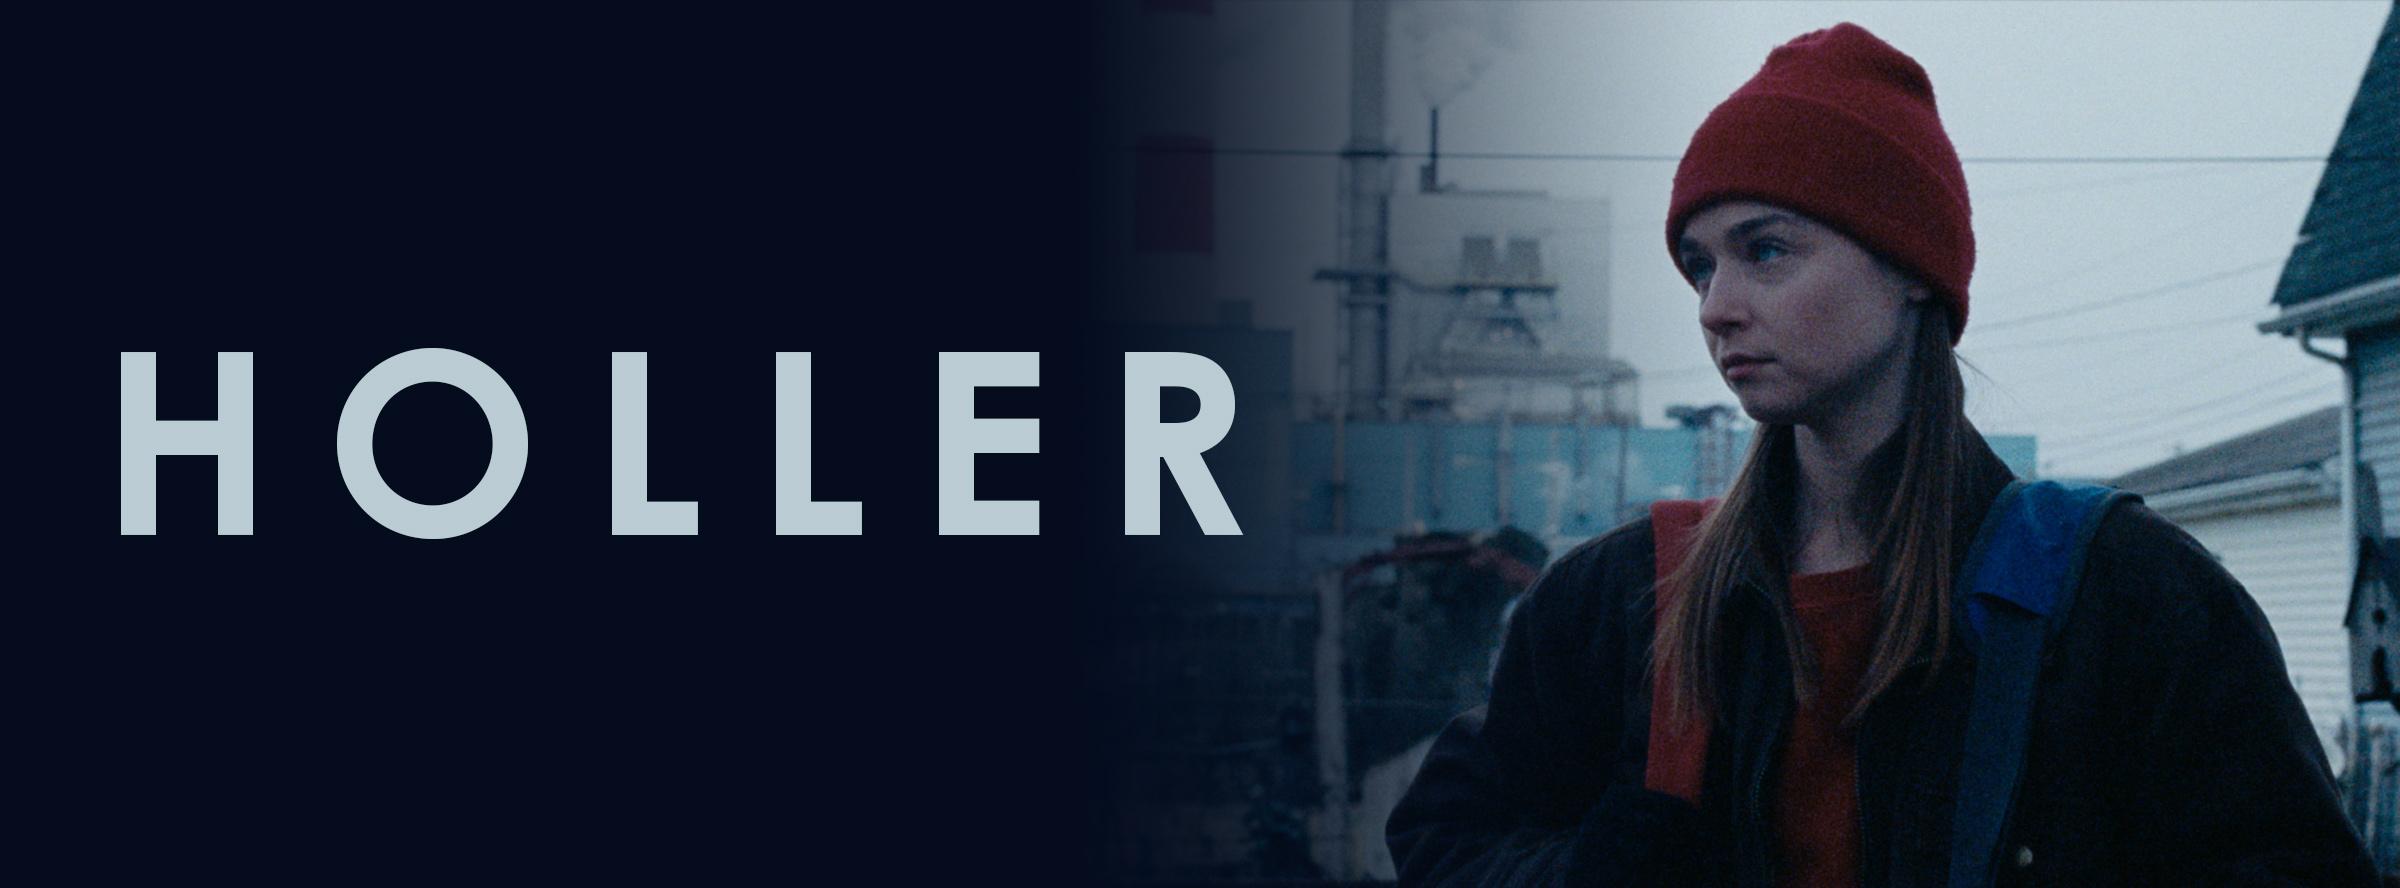 Slider Image for Holler